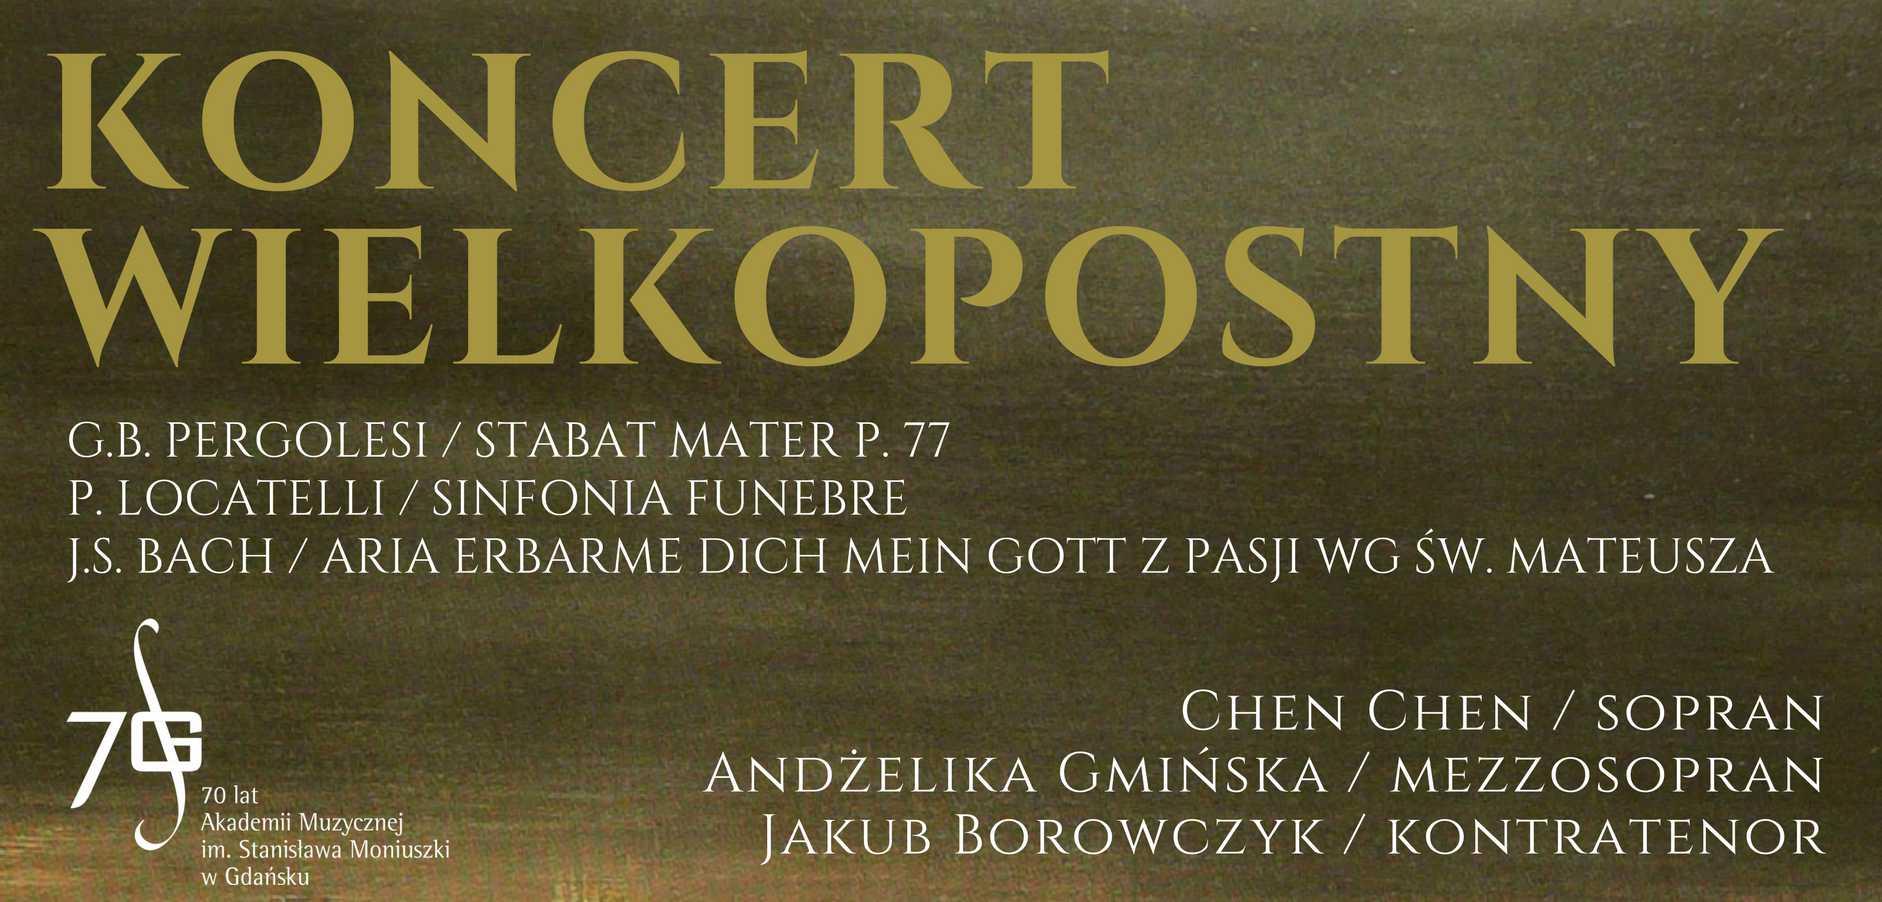 batch Koncert wielkopostny 23.03.2018 Chwaszczyno plakat kopia